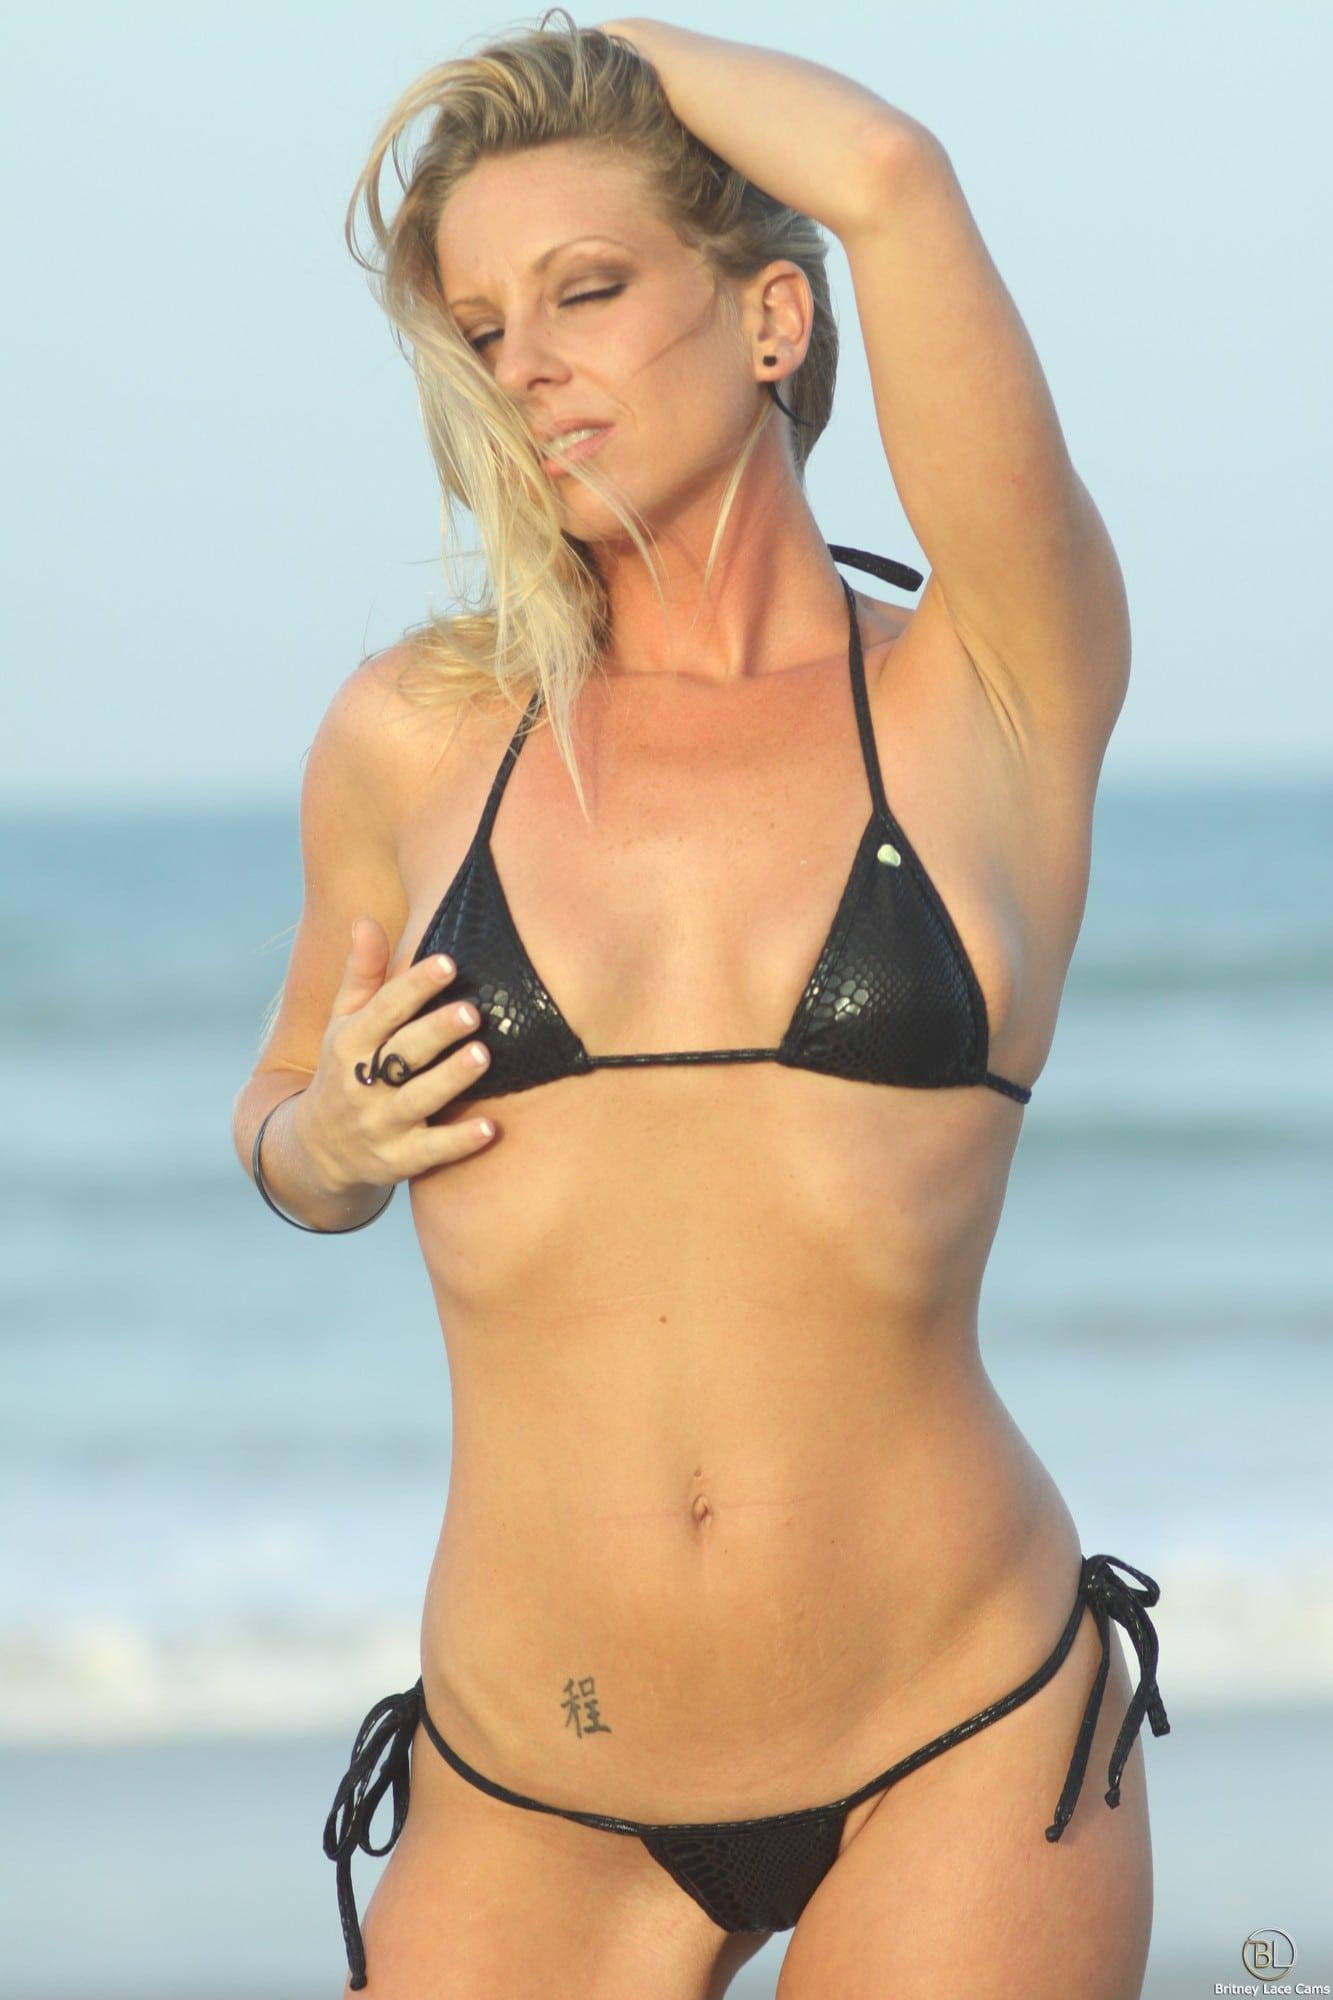 Small tits bikini